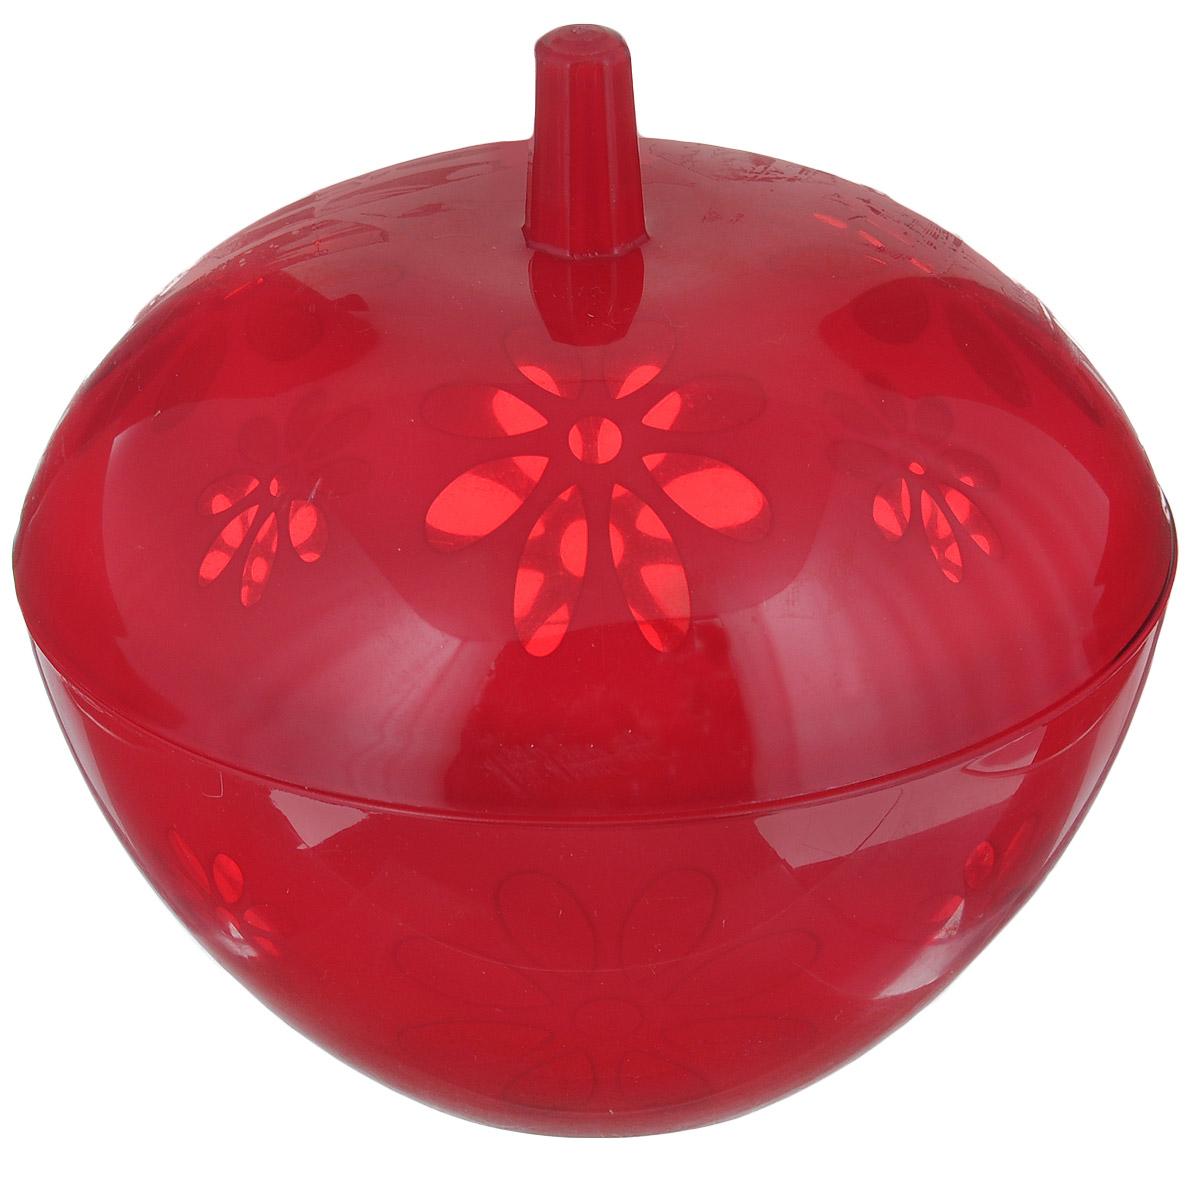 Сахарница Альтернатива Соблазн, с крышкой, цвет: красный, 600 млМ2308Великолепная сахарница Альтернатива Соблазн, выполненная из высококачественного пластика, оформлена рельефным теснением в виде цветочков. К сахарнице прилагается крышка. Эксклюзивный дизайн и функциональность сахарницы сделает ее незаменимой на любой кухне.Объем сахарницы: 600 мл.Общий диаметр сахарницы: 14 см.Диаметр основания: 6,5 см.Высота сахарницы (без учета крышки): 6,5 см.Высота сахарницы (с учетом крышки): 13 см.